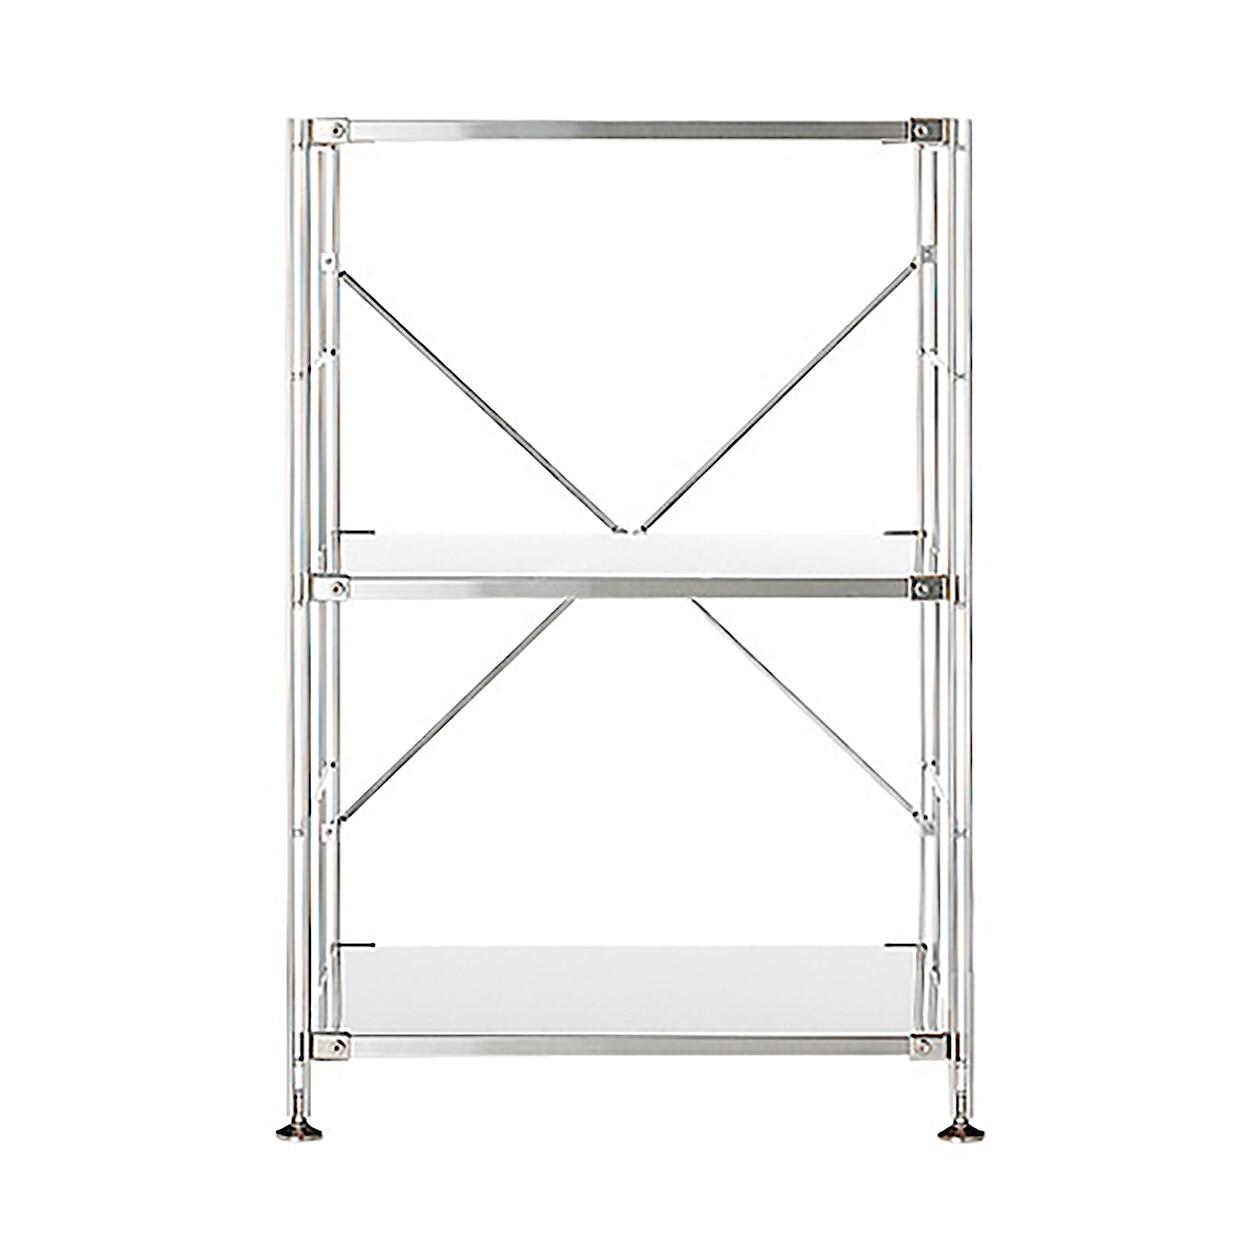 RoomClip商品情報 - ステンレスユニットシェルフ・ステンレス棚セット・小